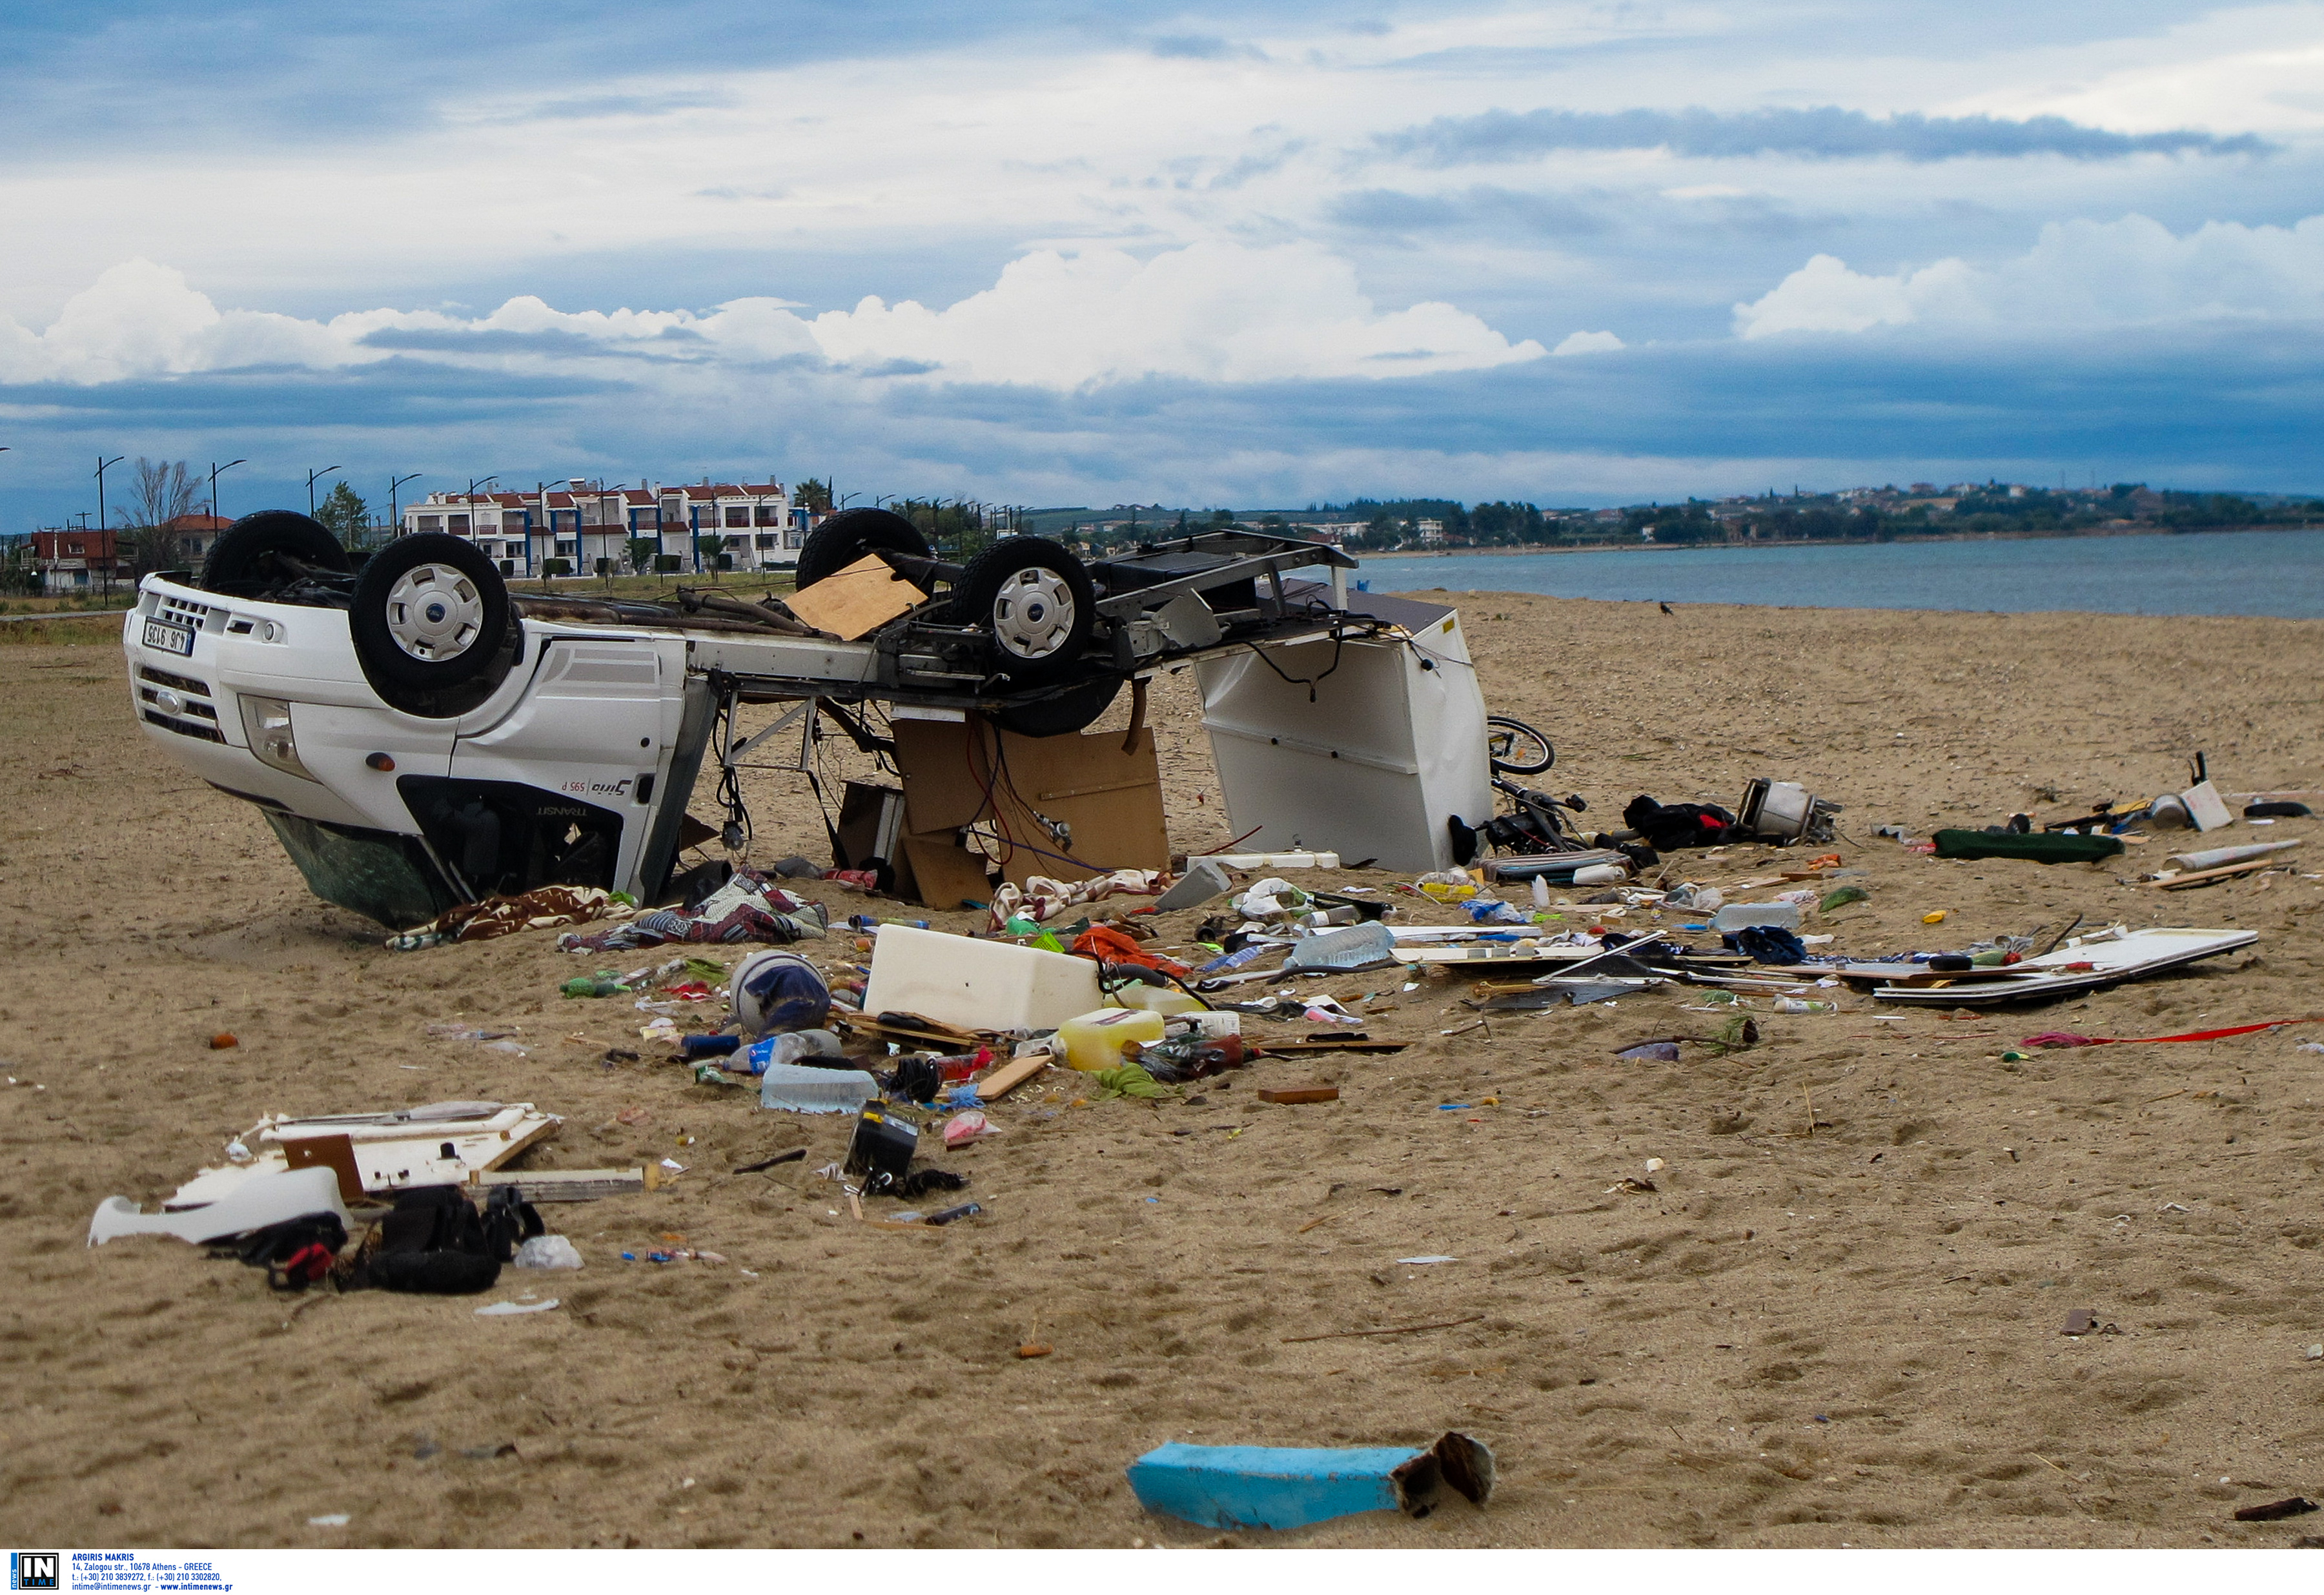 Χαλκιδική: 7 οι νεκροί από τη φονική κακοκαιρία- Εντοπίστηκε πτώμα στην παραλία της Σωζόπολης!